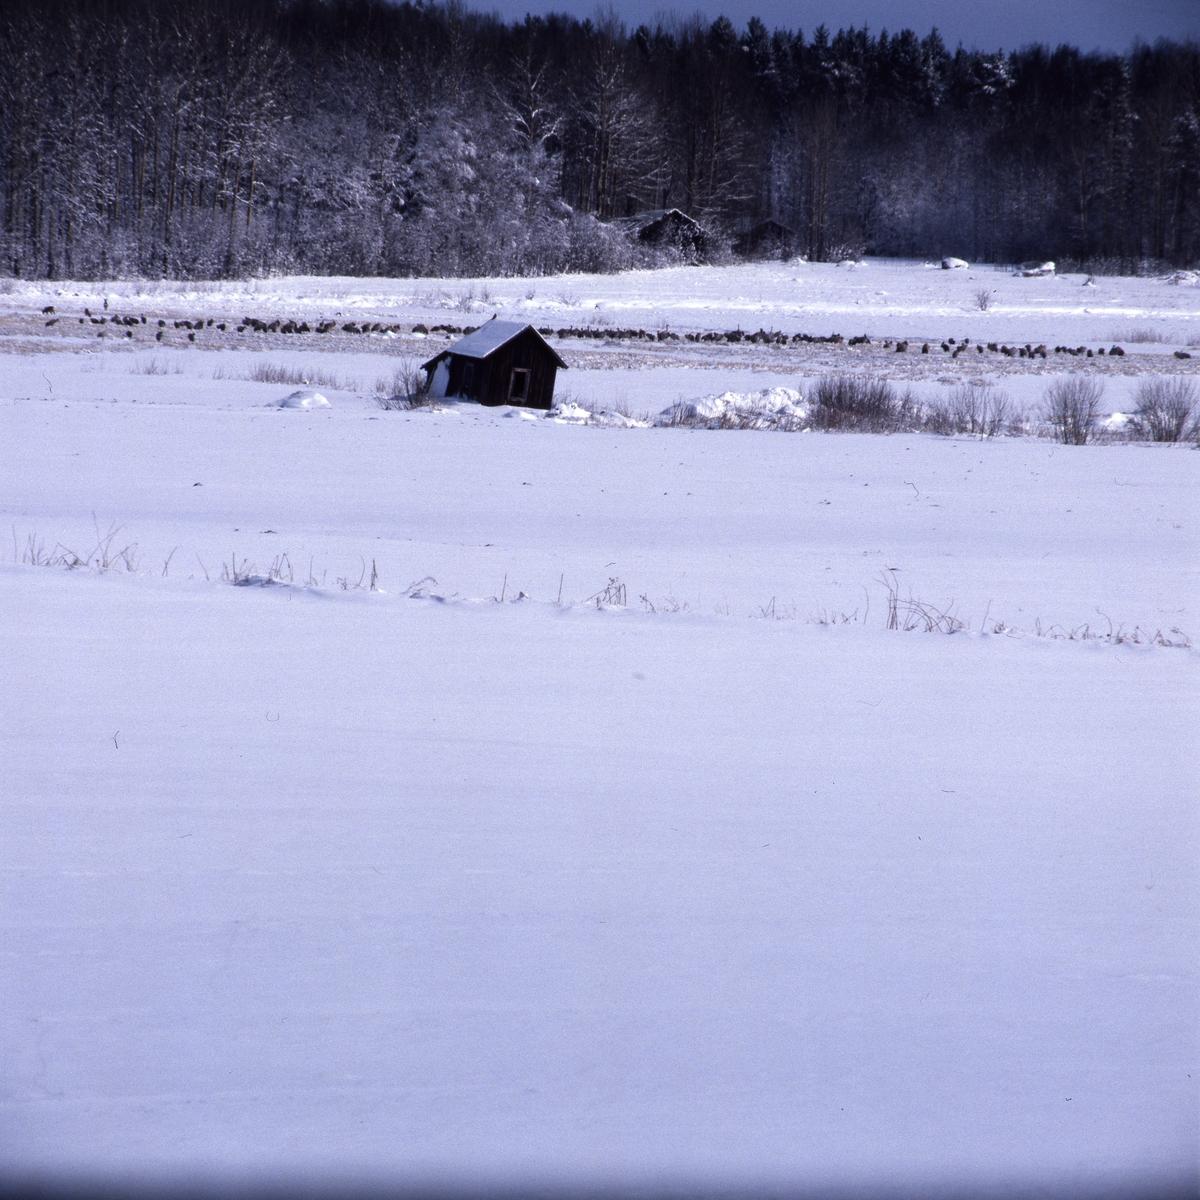 En flock med tranor efter snövädret, Söderaladalen 21 april 1988.